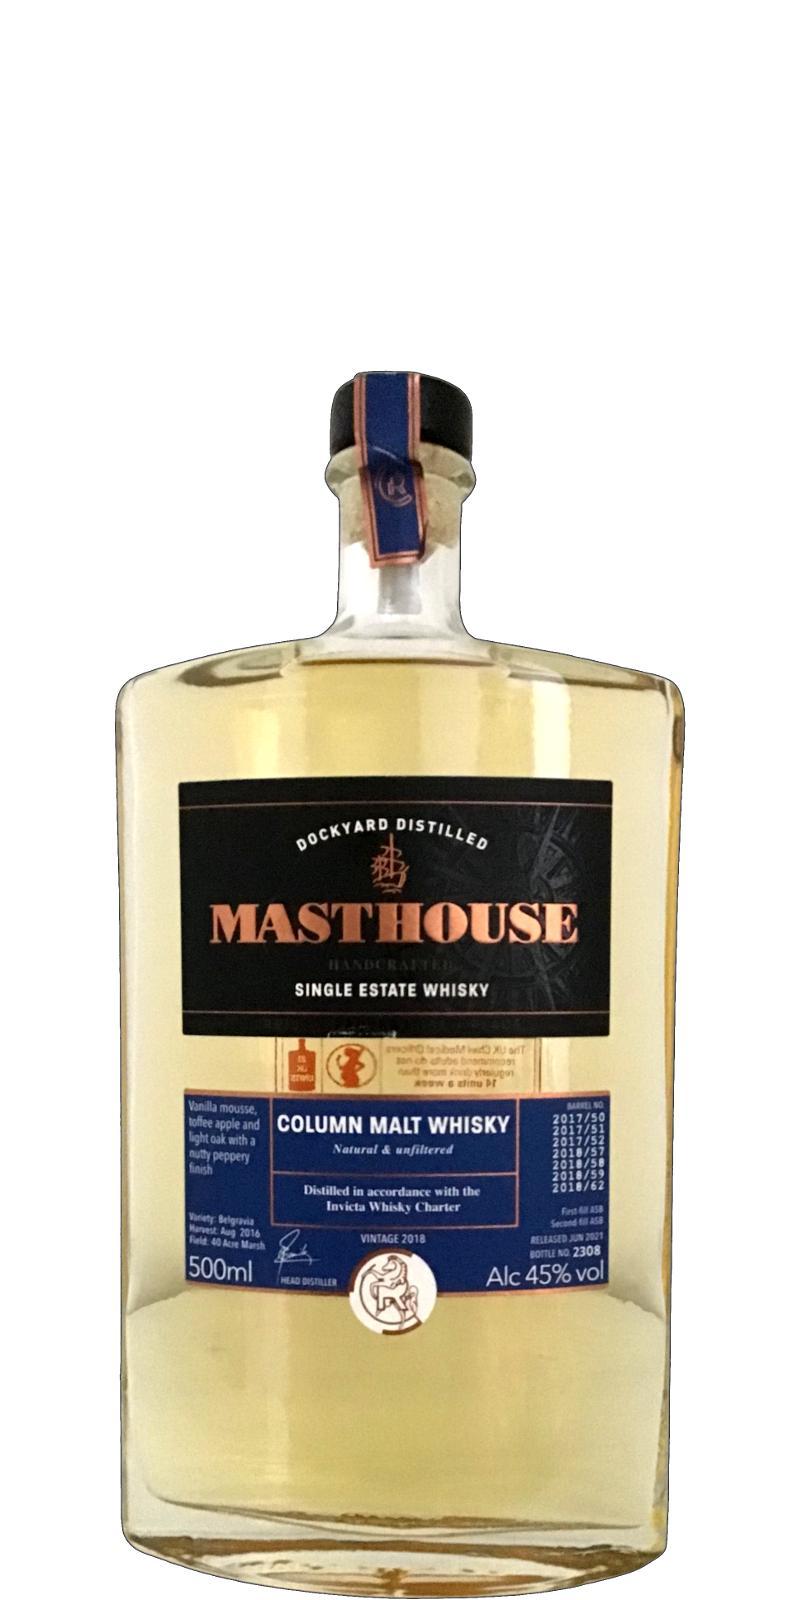 Masthouse 2017/2018